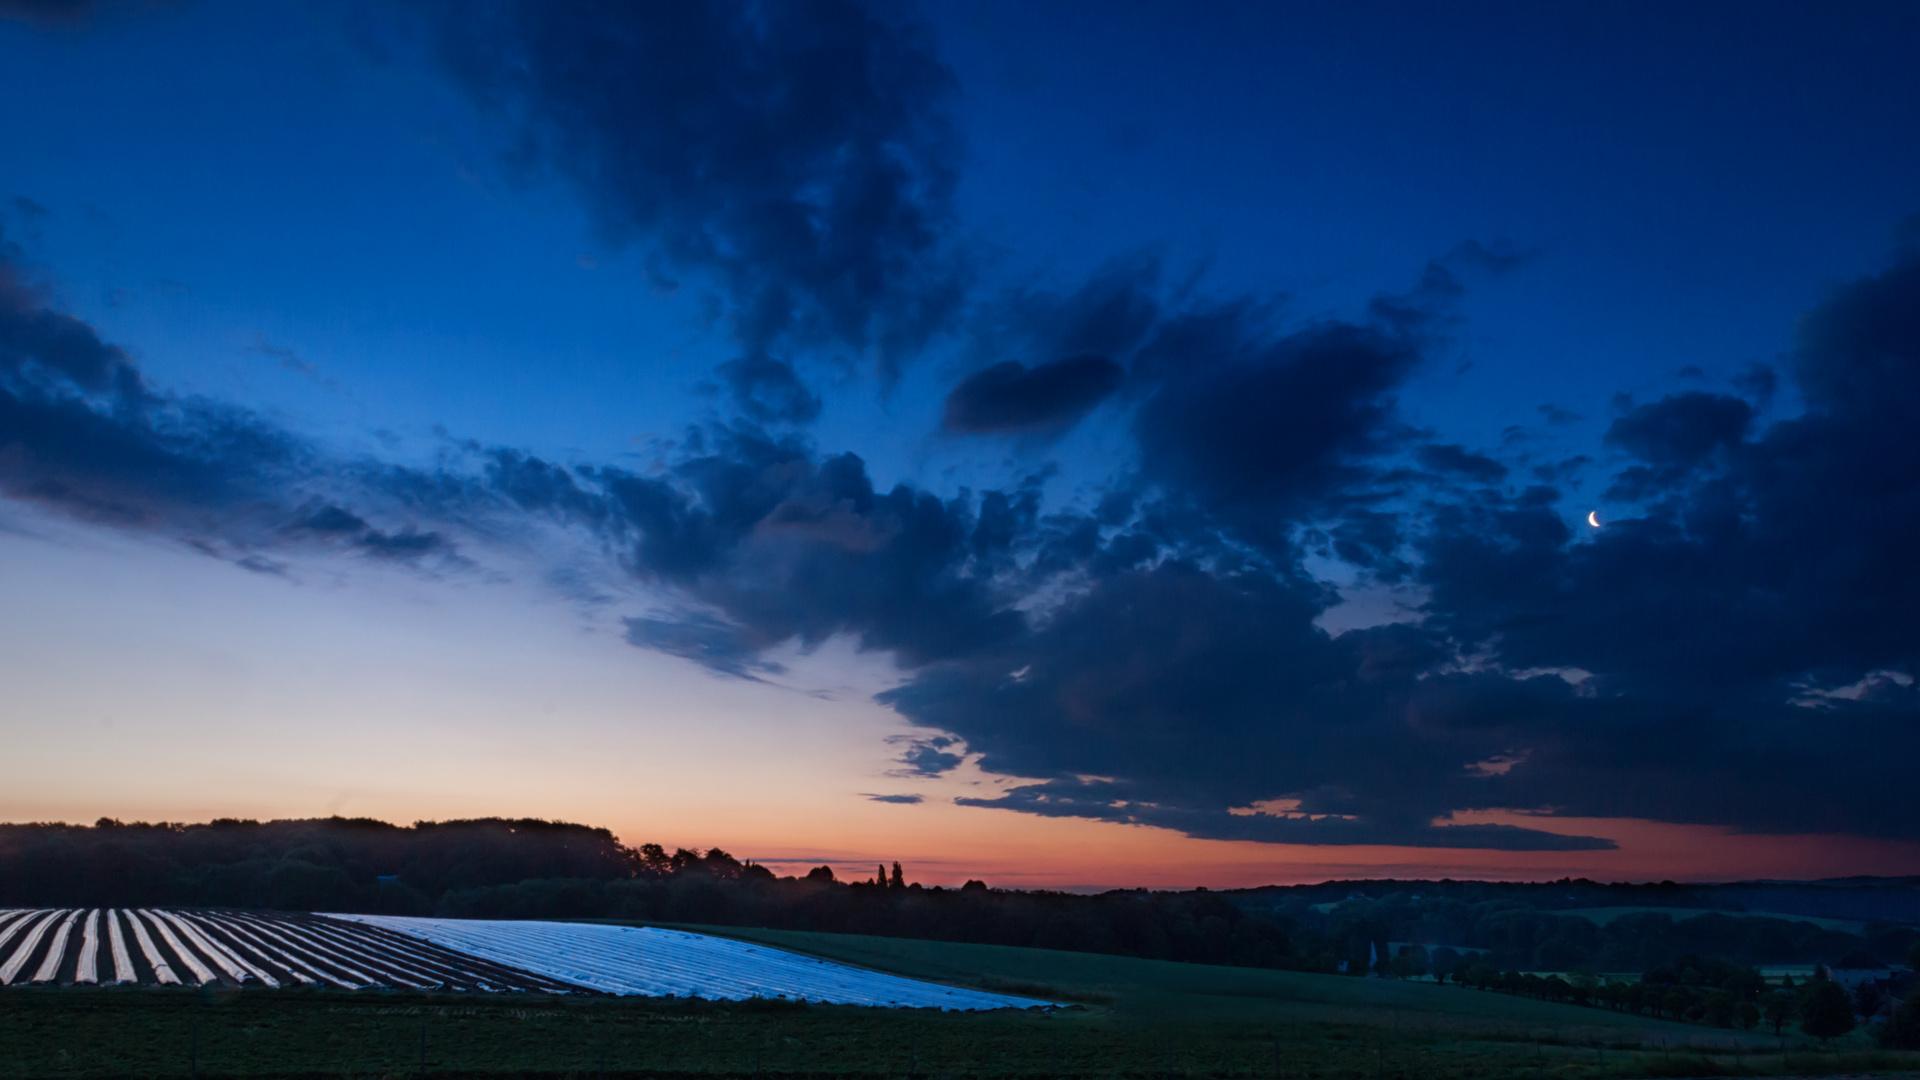 Sonnenaufgang in Kettwig